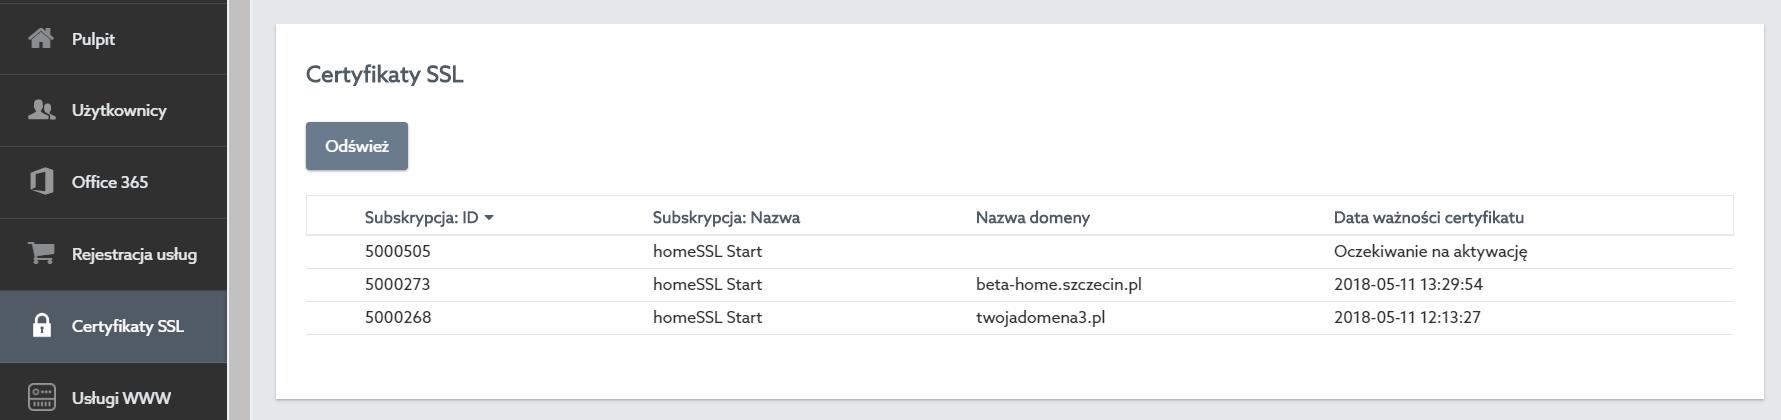 Panel klienta home.pl - Certyfikaty SSL - Kliknij na certyfikat SSL, który chcesz aktywować